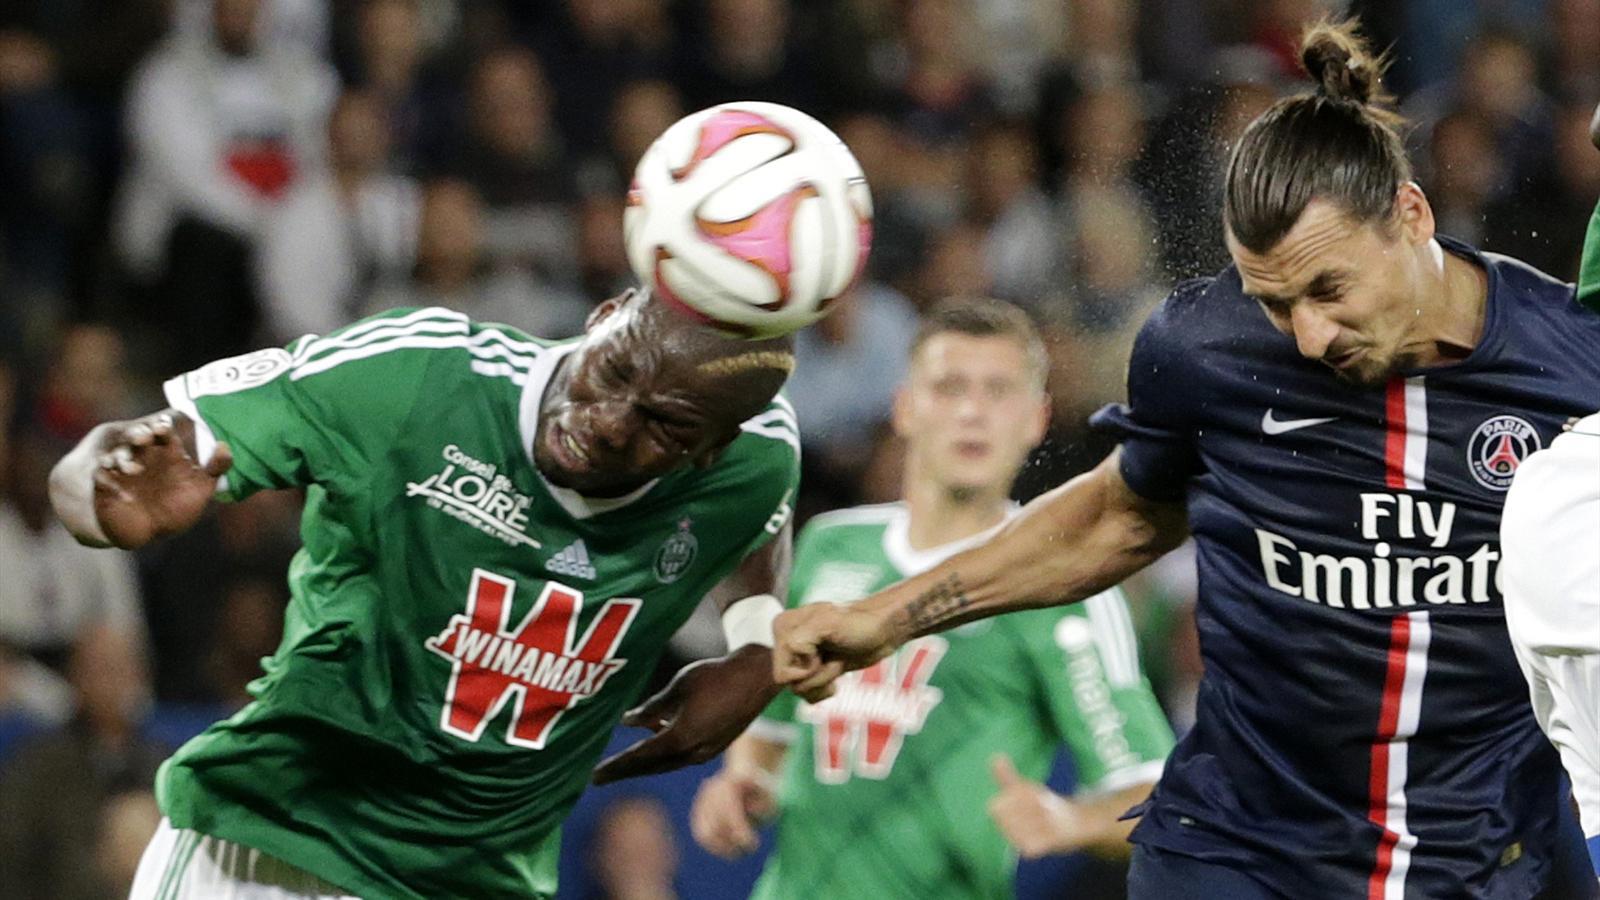 Coupe de la ligue les quarts de finale saint etienne psg monaco guingamp en affiches - Coupe de la ligue finale 2015 ...